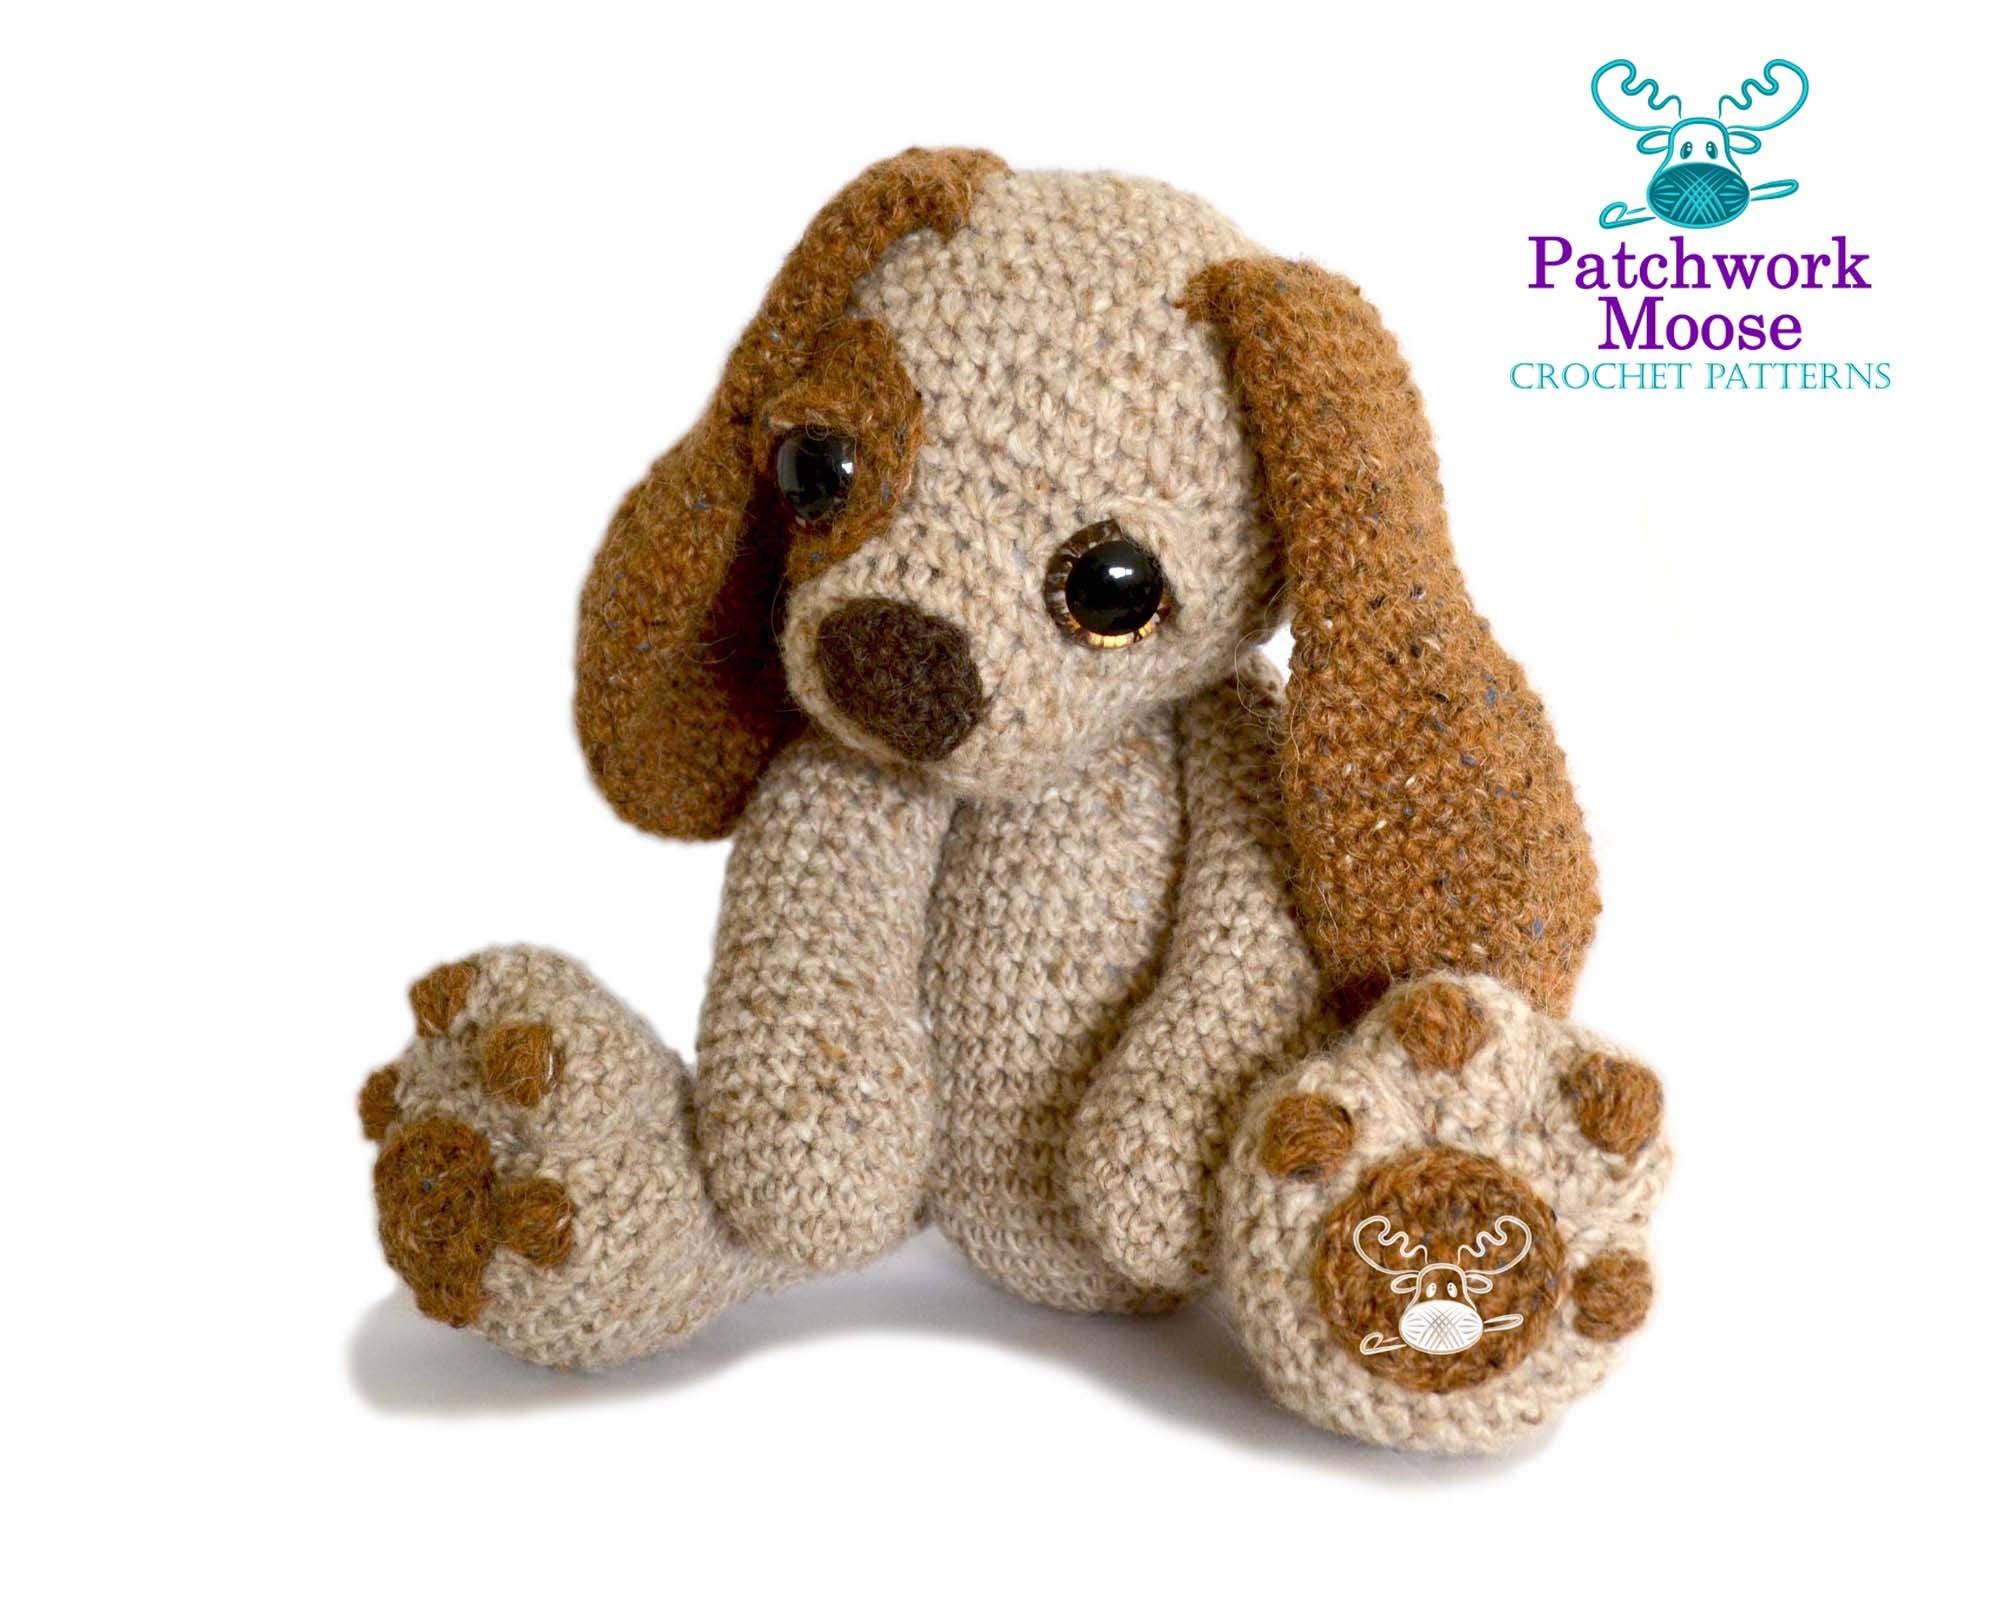 Cachorro perro Amigurumi Crochet patrón PDF descarga | Etsy